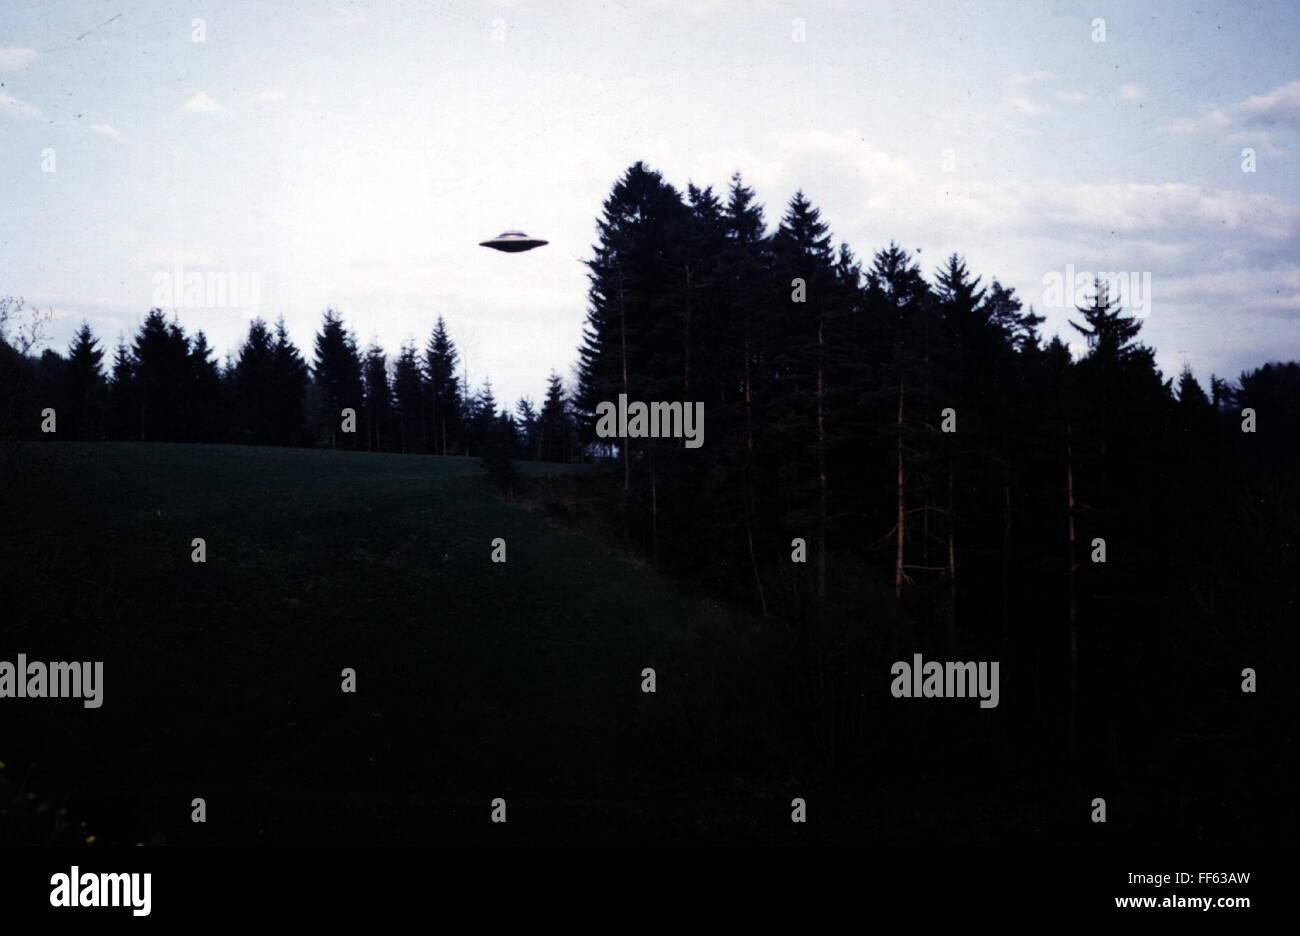 Astronautica, oggetto volante non identificato (UFO), flying ufo, Sädelegg, Schmidrüti, Svizzera, 8.3.1975, Immagini Stock